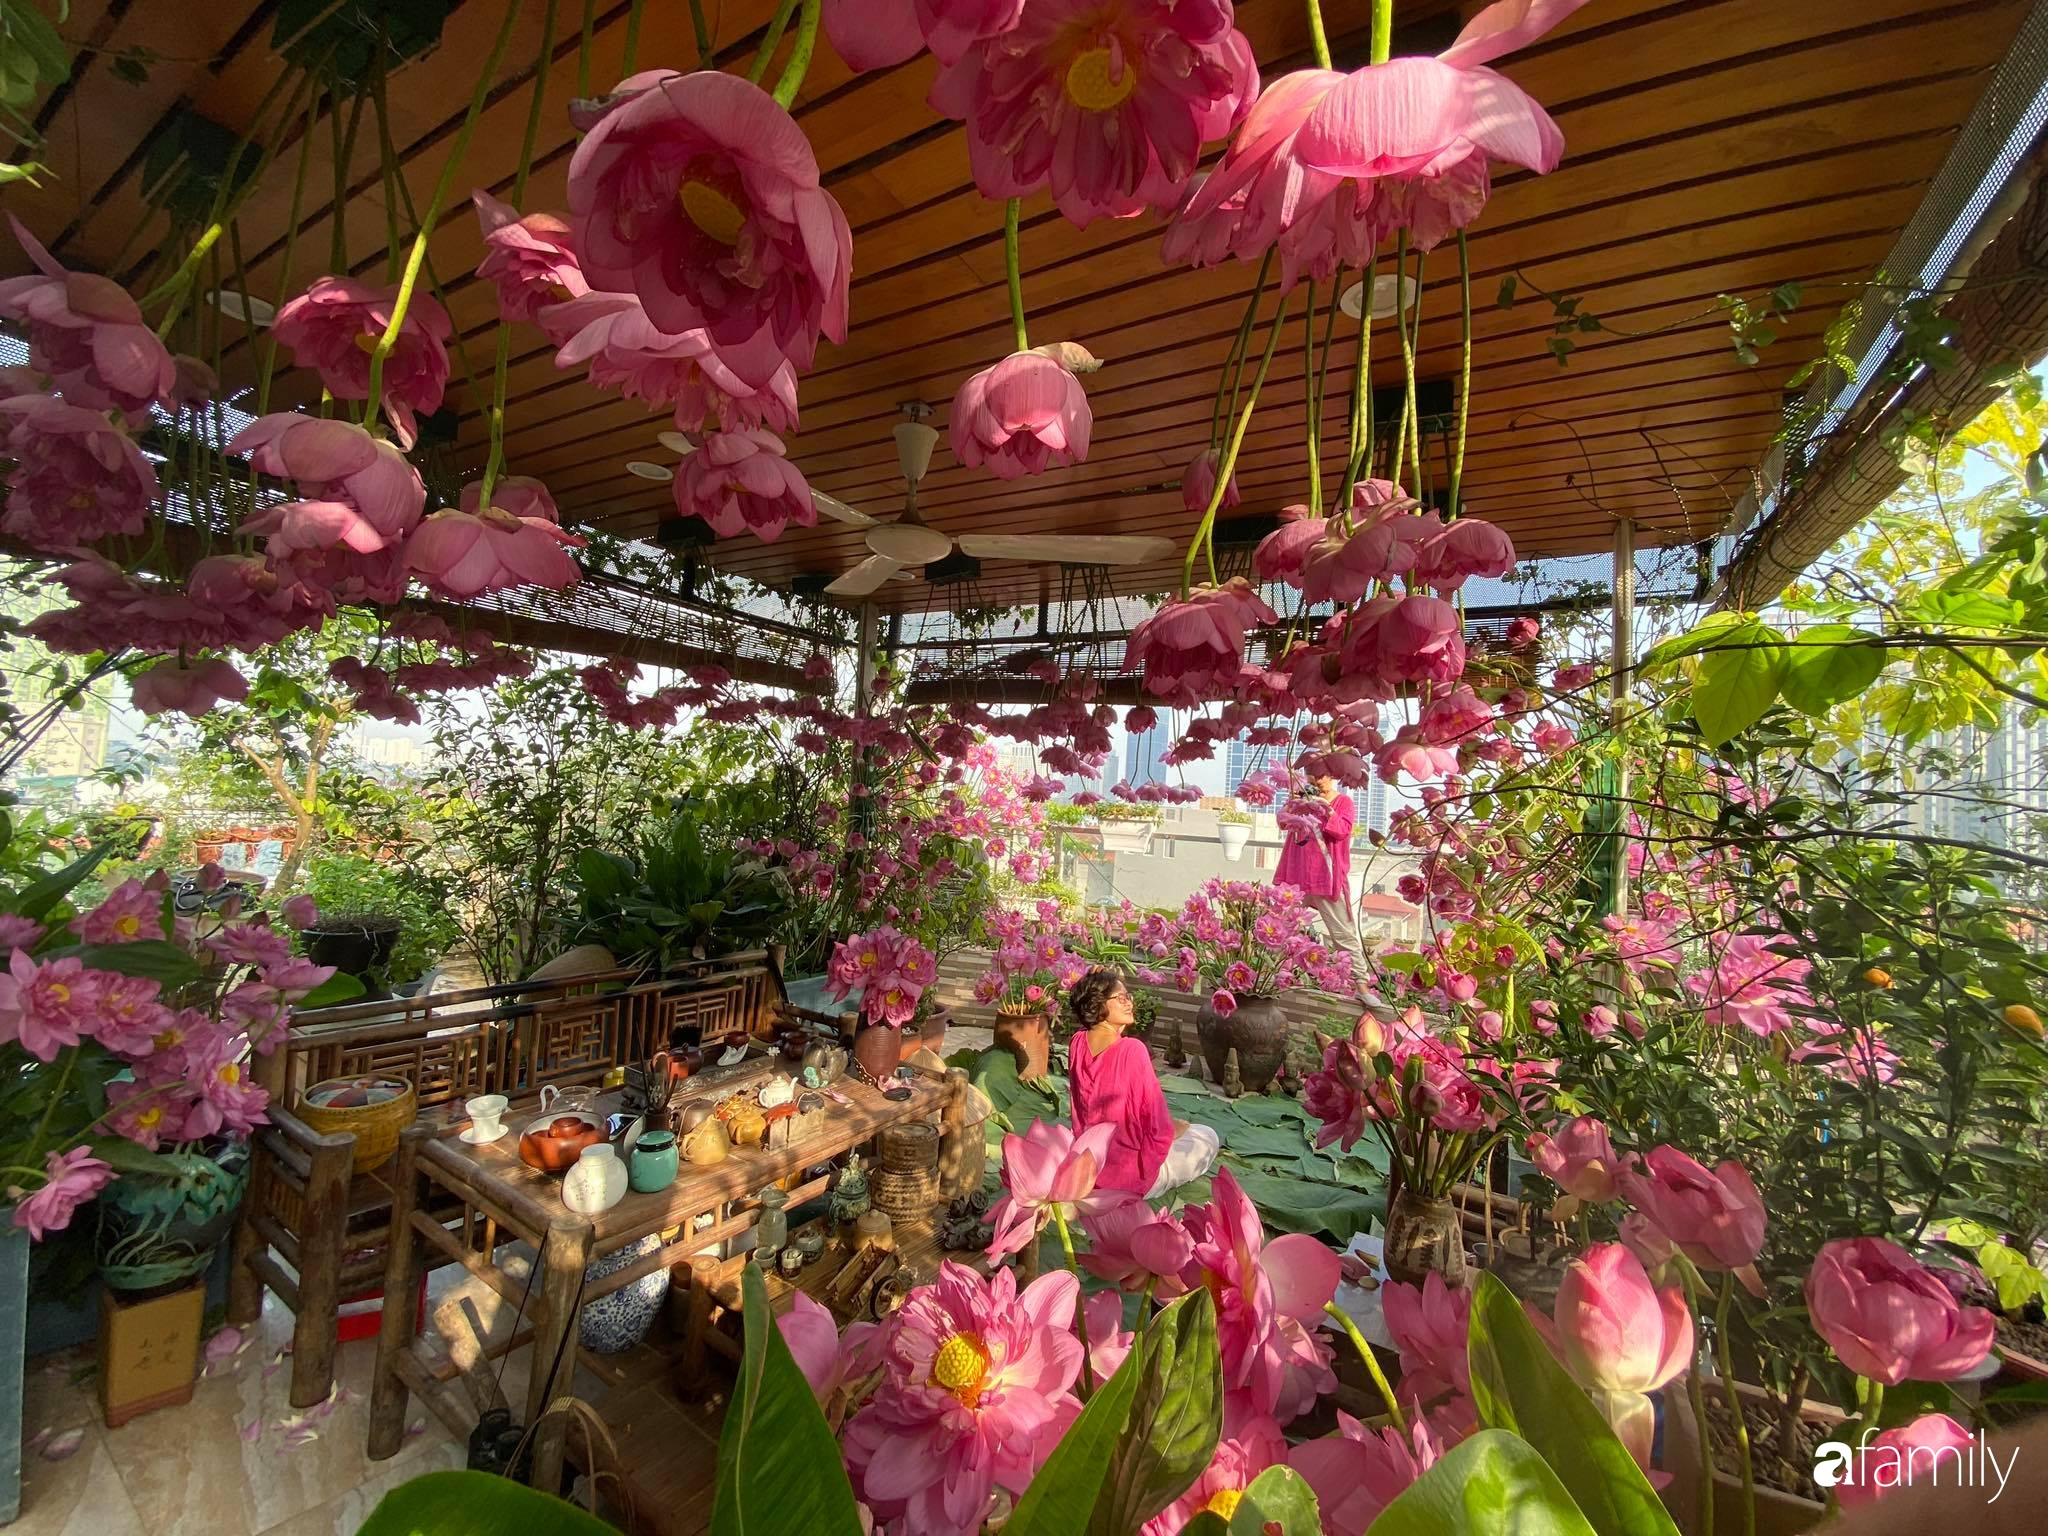 Bà mẹ Hà Nội tỉ mẩn dành 4 tiếng để tự cắm 1000 bông sen mang sắc màu mùa hạ lên sân thượng 200m² - Ảnh 10.